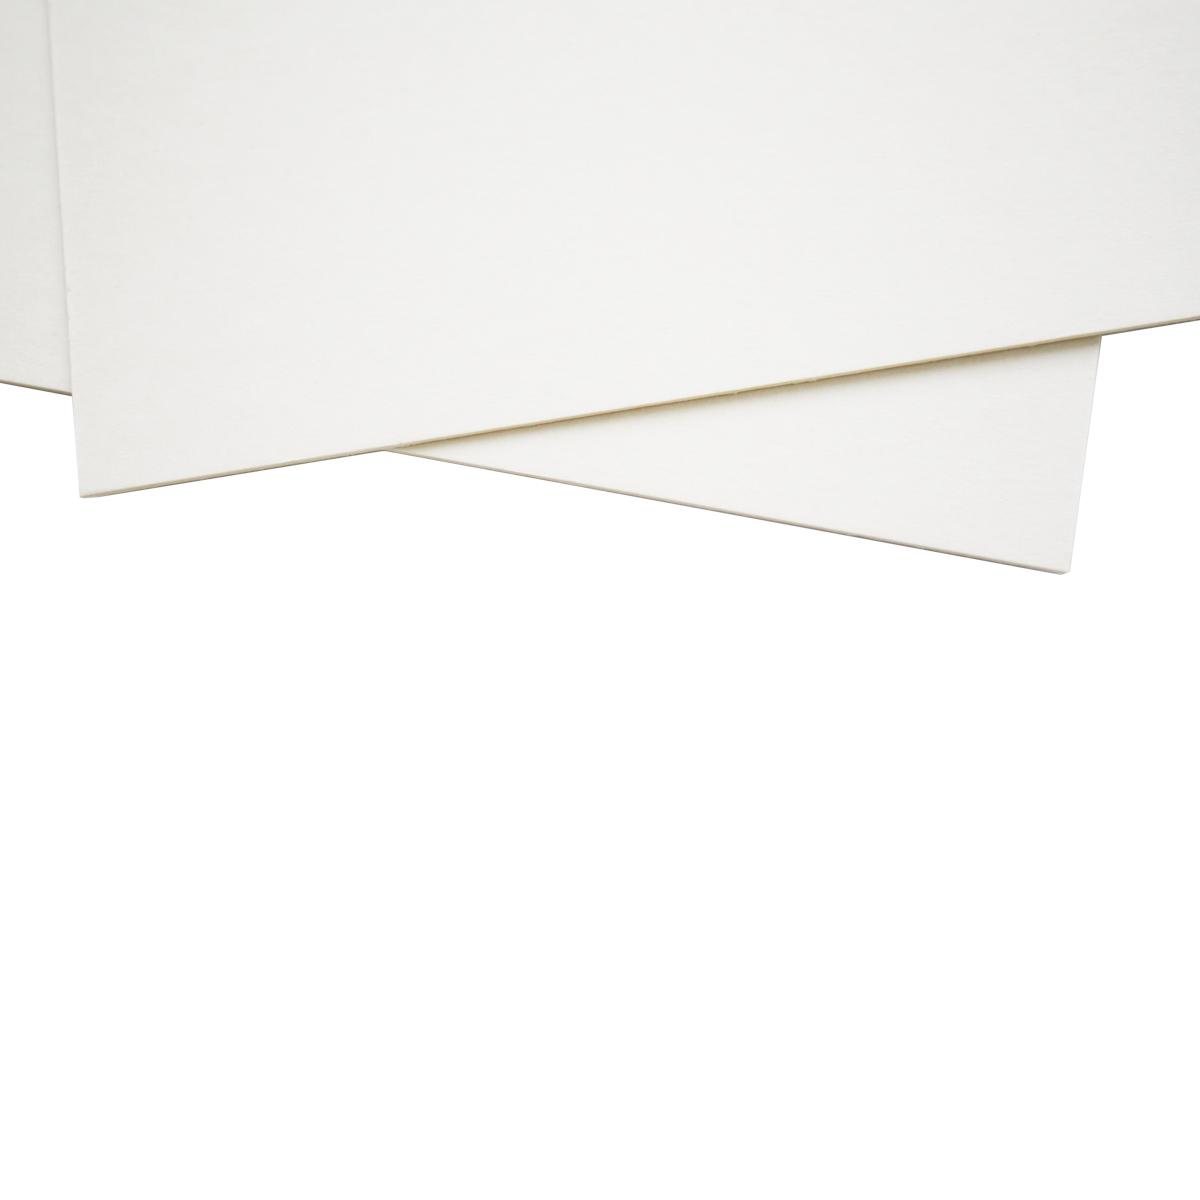 Картон пивной ЧипАрт, толщина 1,5 мм, 17 х 17 см, 2 листа72523WDКартон является незаменимой частью многих работ в скрапбукинге. Пивной картон состоит из множества тонких слоев, и легко режется, поэтому прекрасно подойдет для изготовления страниц в альбомах.